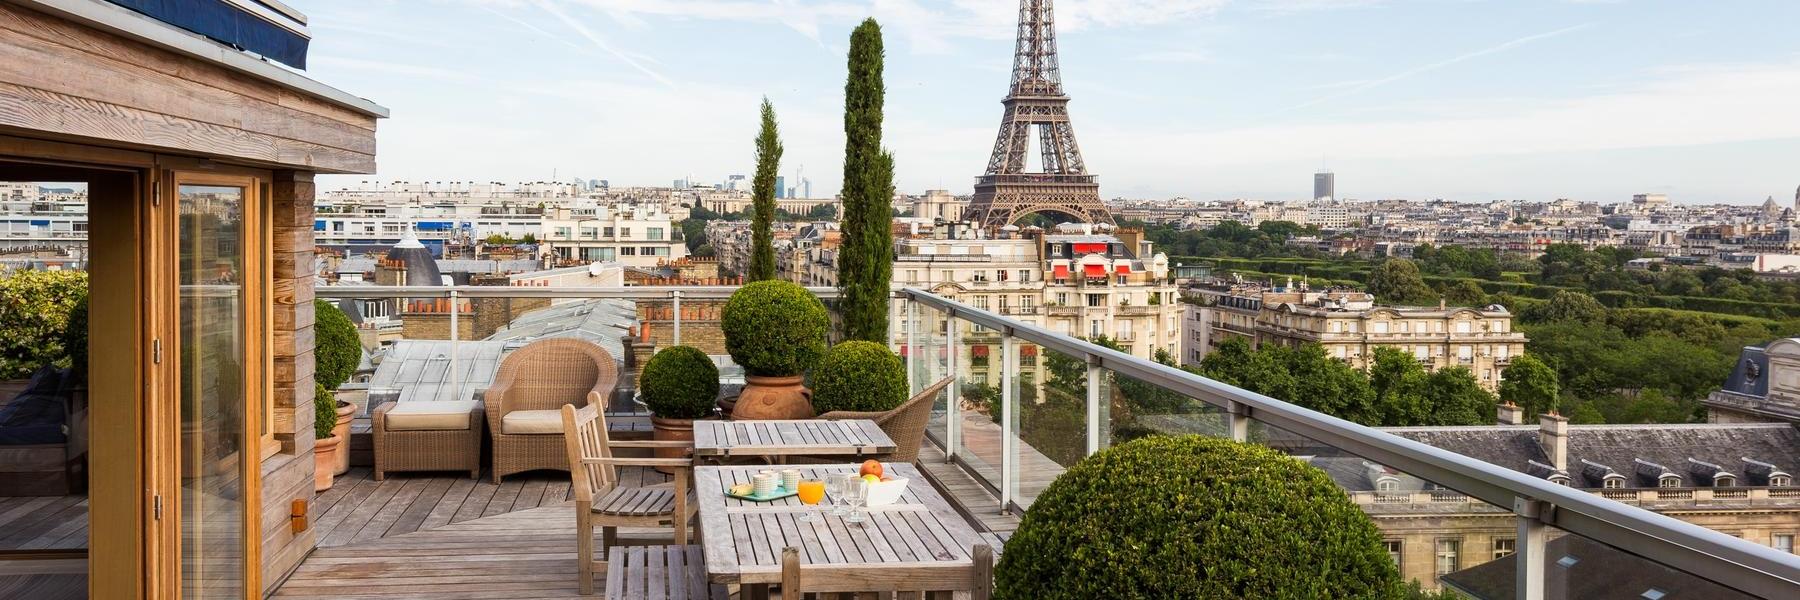 Eiffel Tower - Avenue de la Motte-Picquet